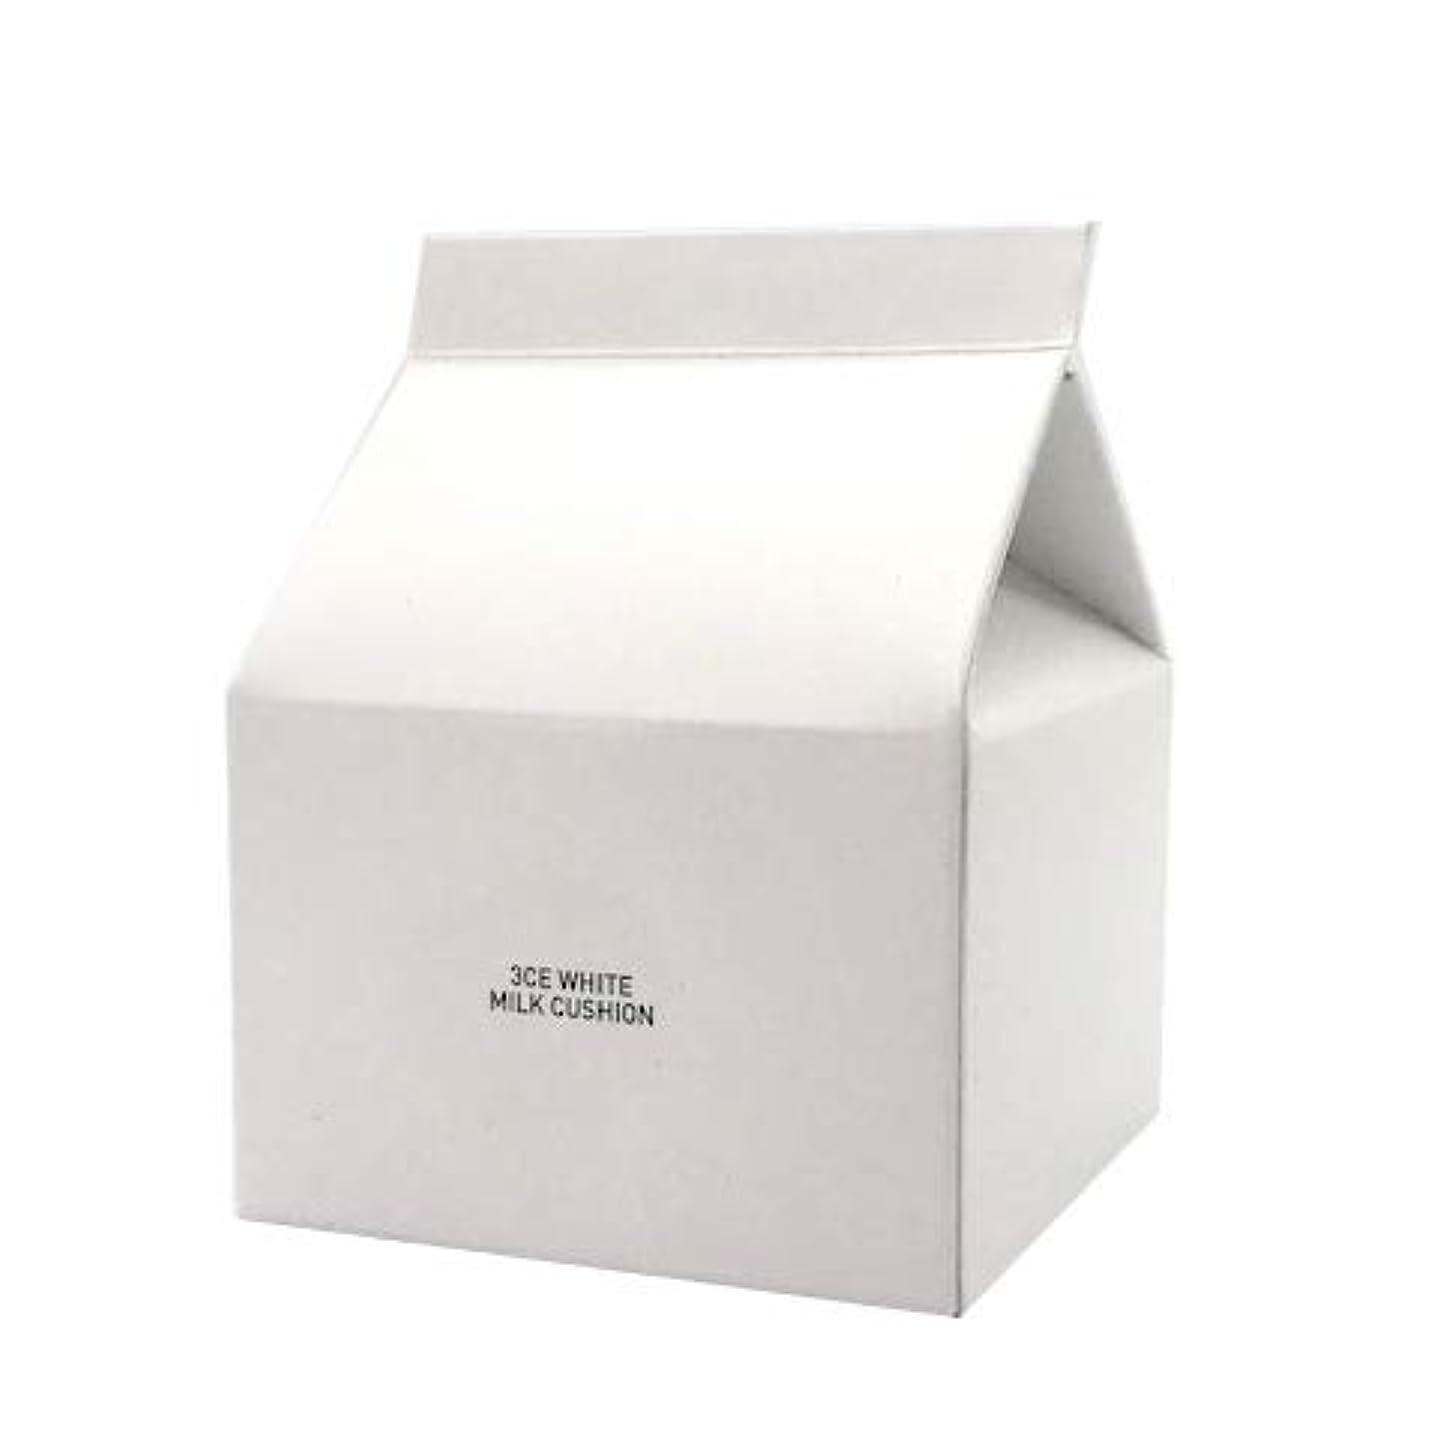 それぞれ経済的美しいスタイルナンダ 3CE ホワイトミルククッション SPF50+ PA+++ 15g [並行輸入品]